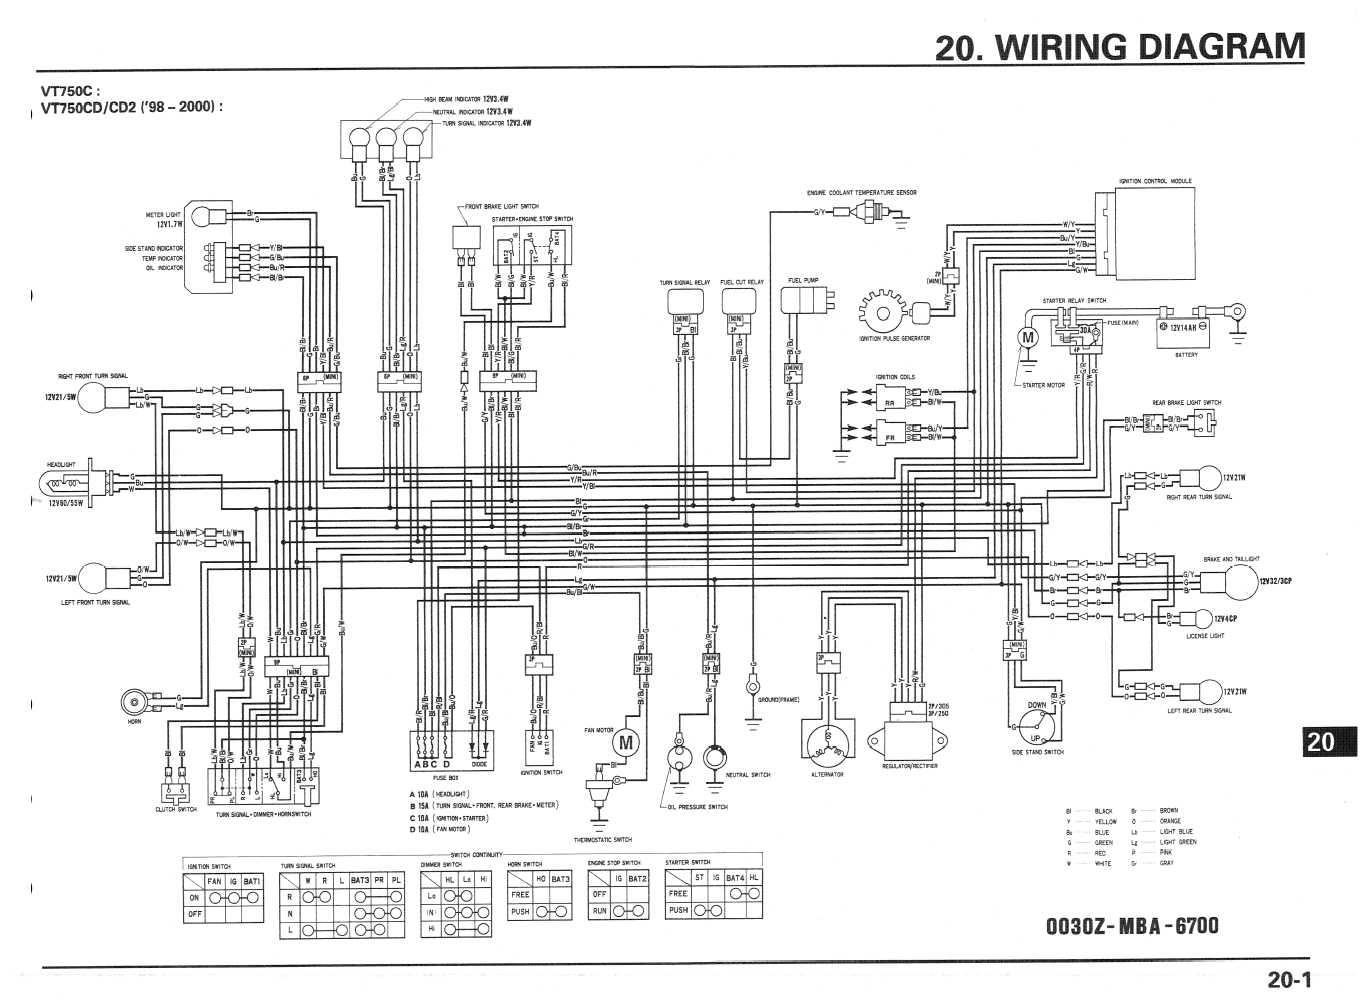 2000 Honda Shadow Vlx 600 Wiring Diagram